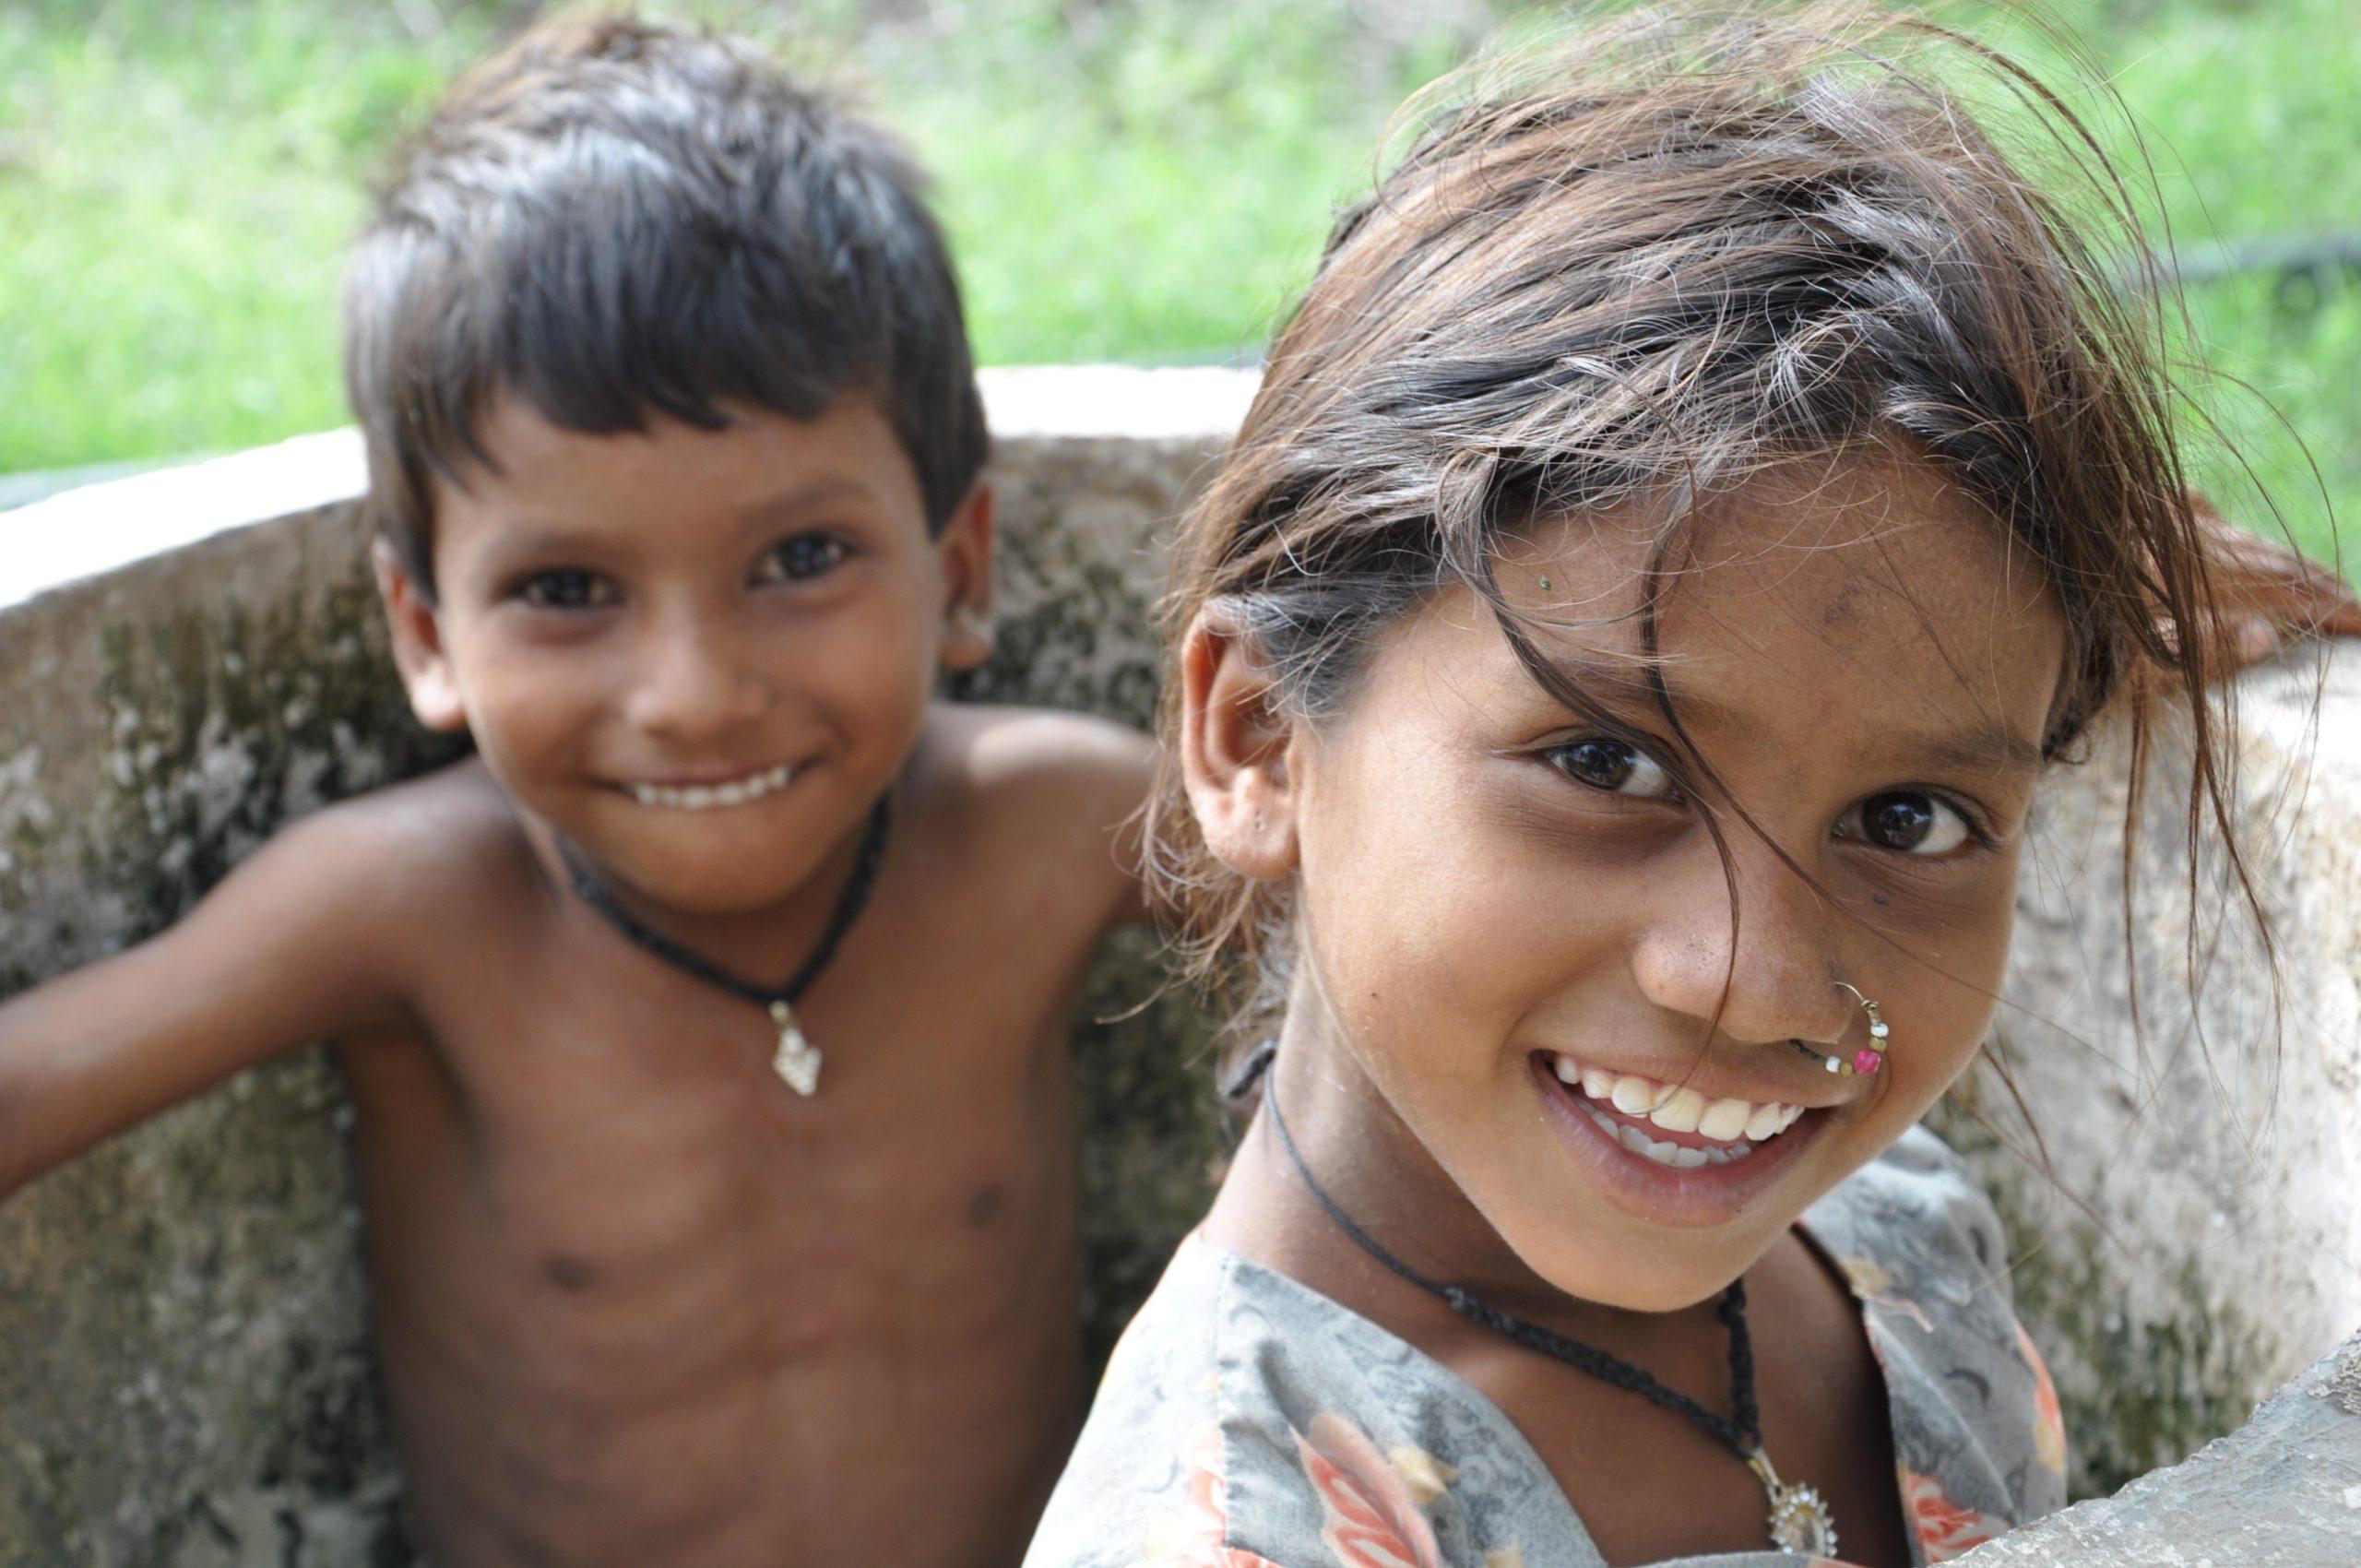 En pojke och en flicka som skrattar.